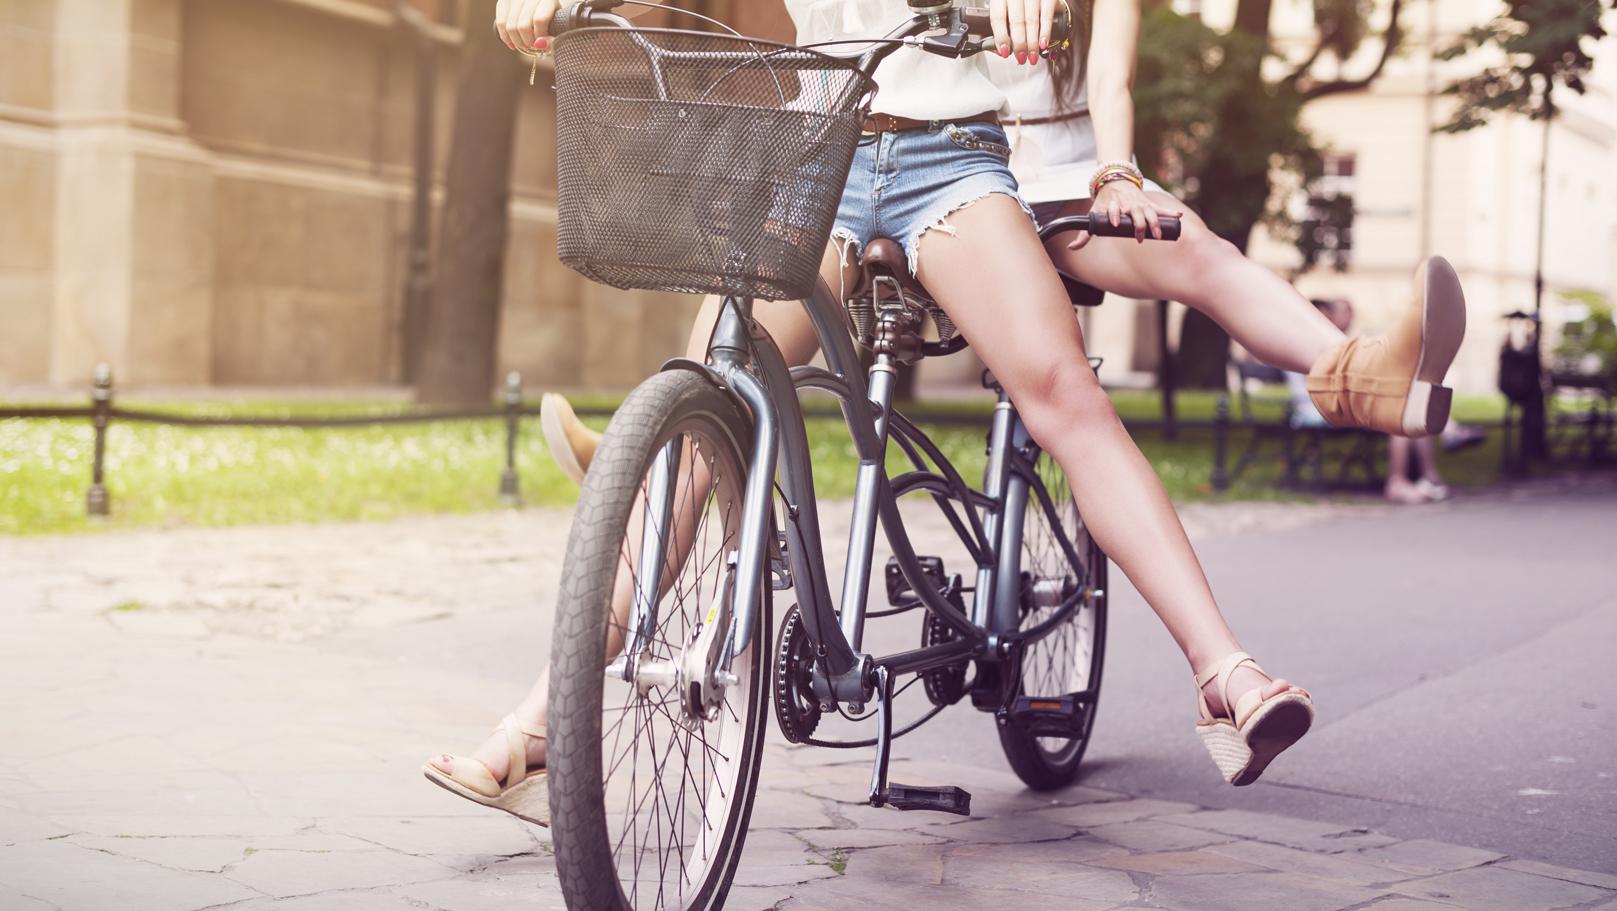 Vélo tandem pour faire du vélo à 2 sur un même vélo